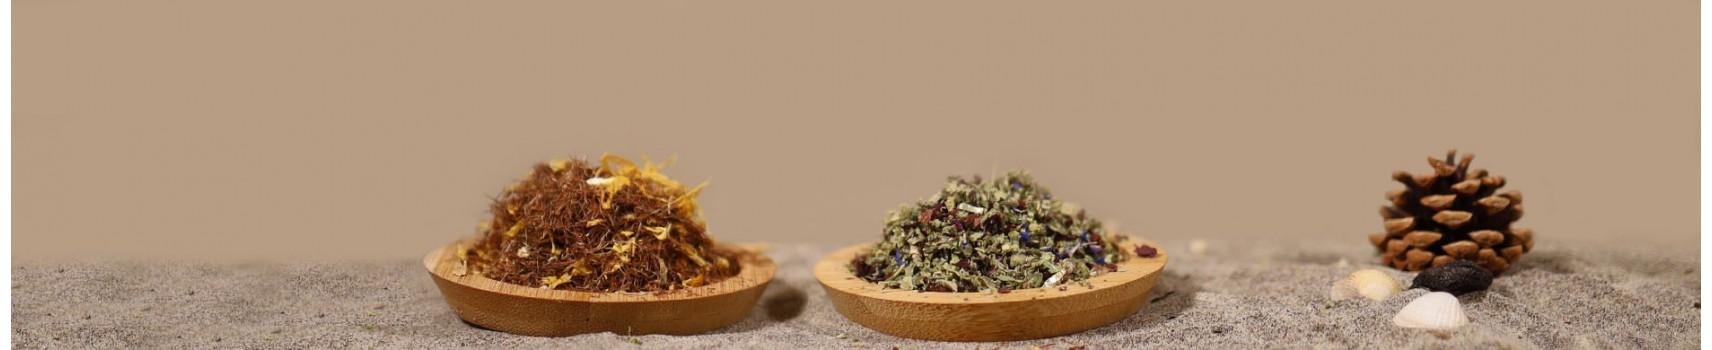 Plantes à fumée, en infusion, vaporisation, en remplacement du tabac.